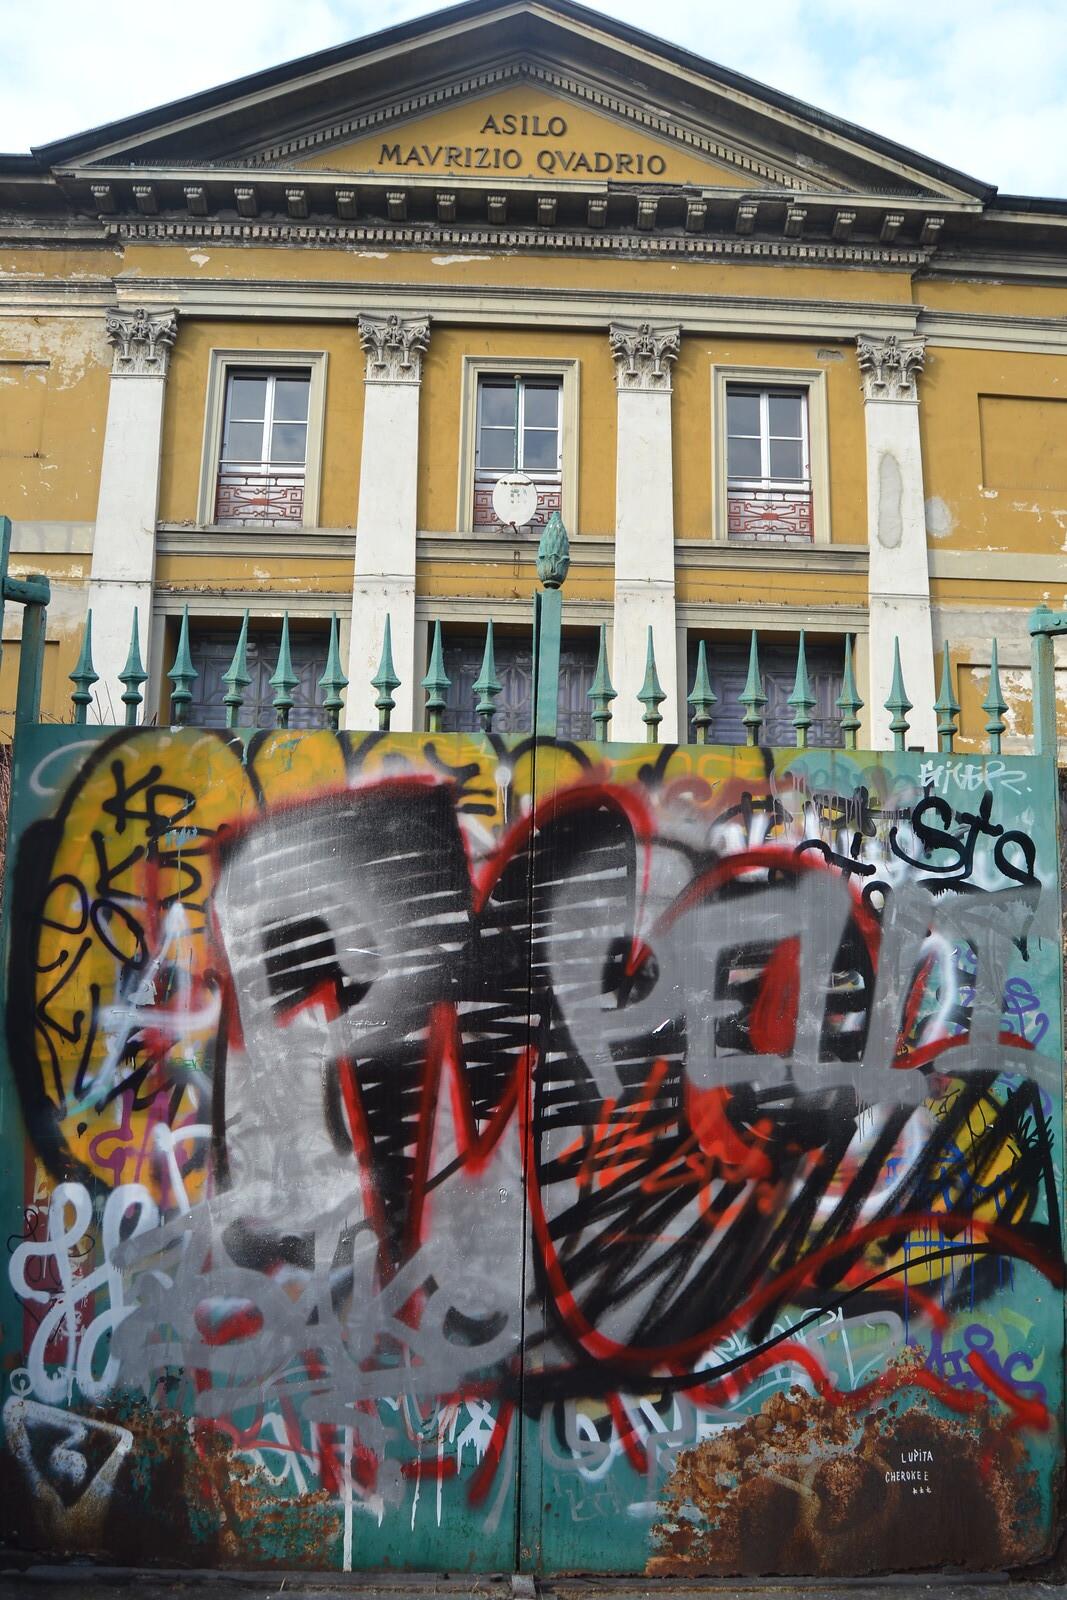 Milano, paseo con Leone. 26/01/2017 fotos de zeroanodino para URBANARTIMAÑA